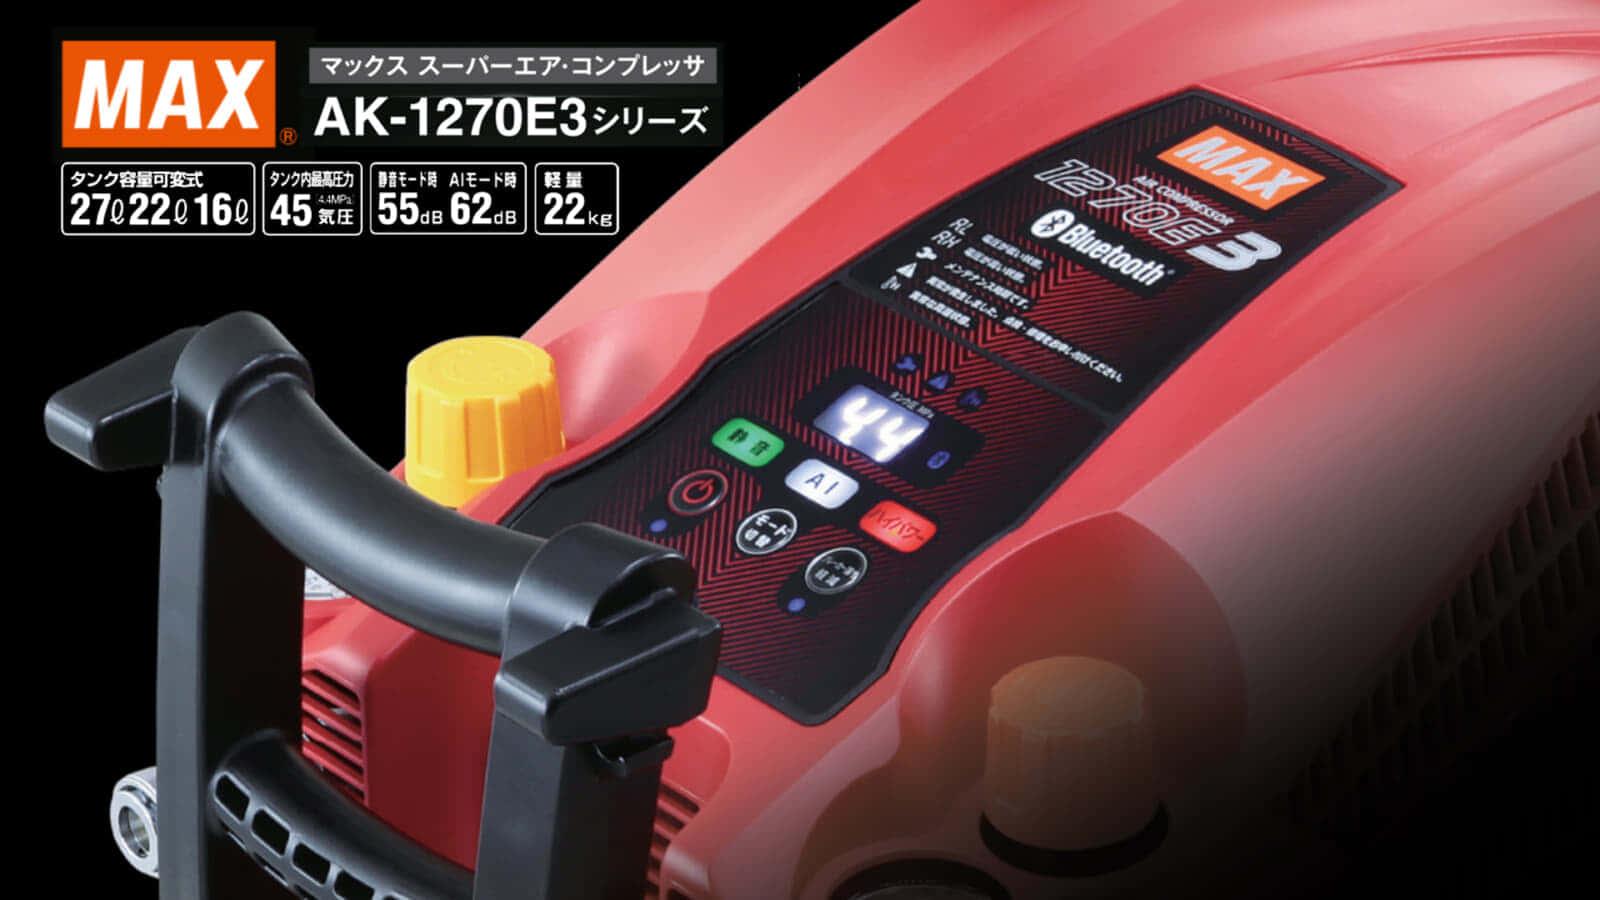 マックス AK-1270E3 コンプレッサーを発売、45気圧コンプの極致